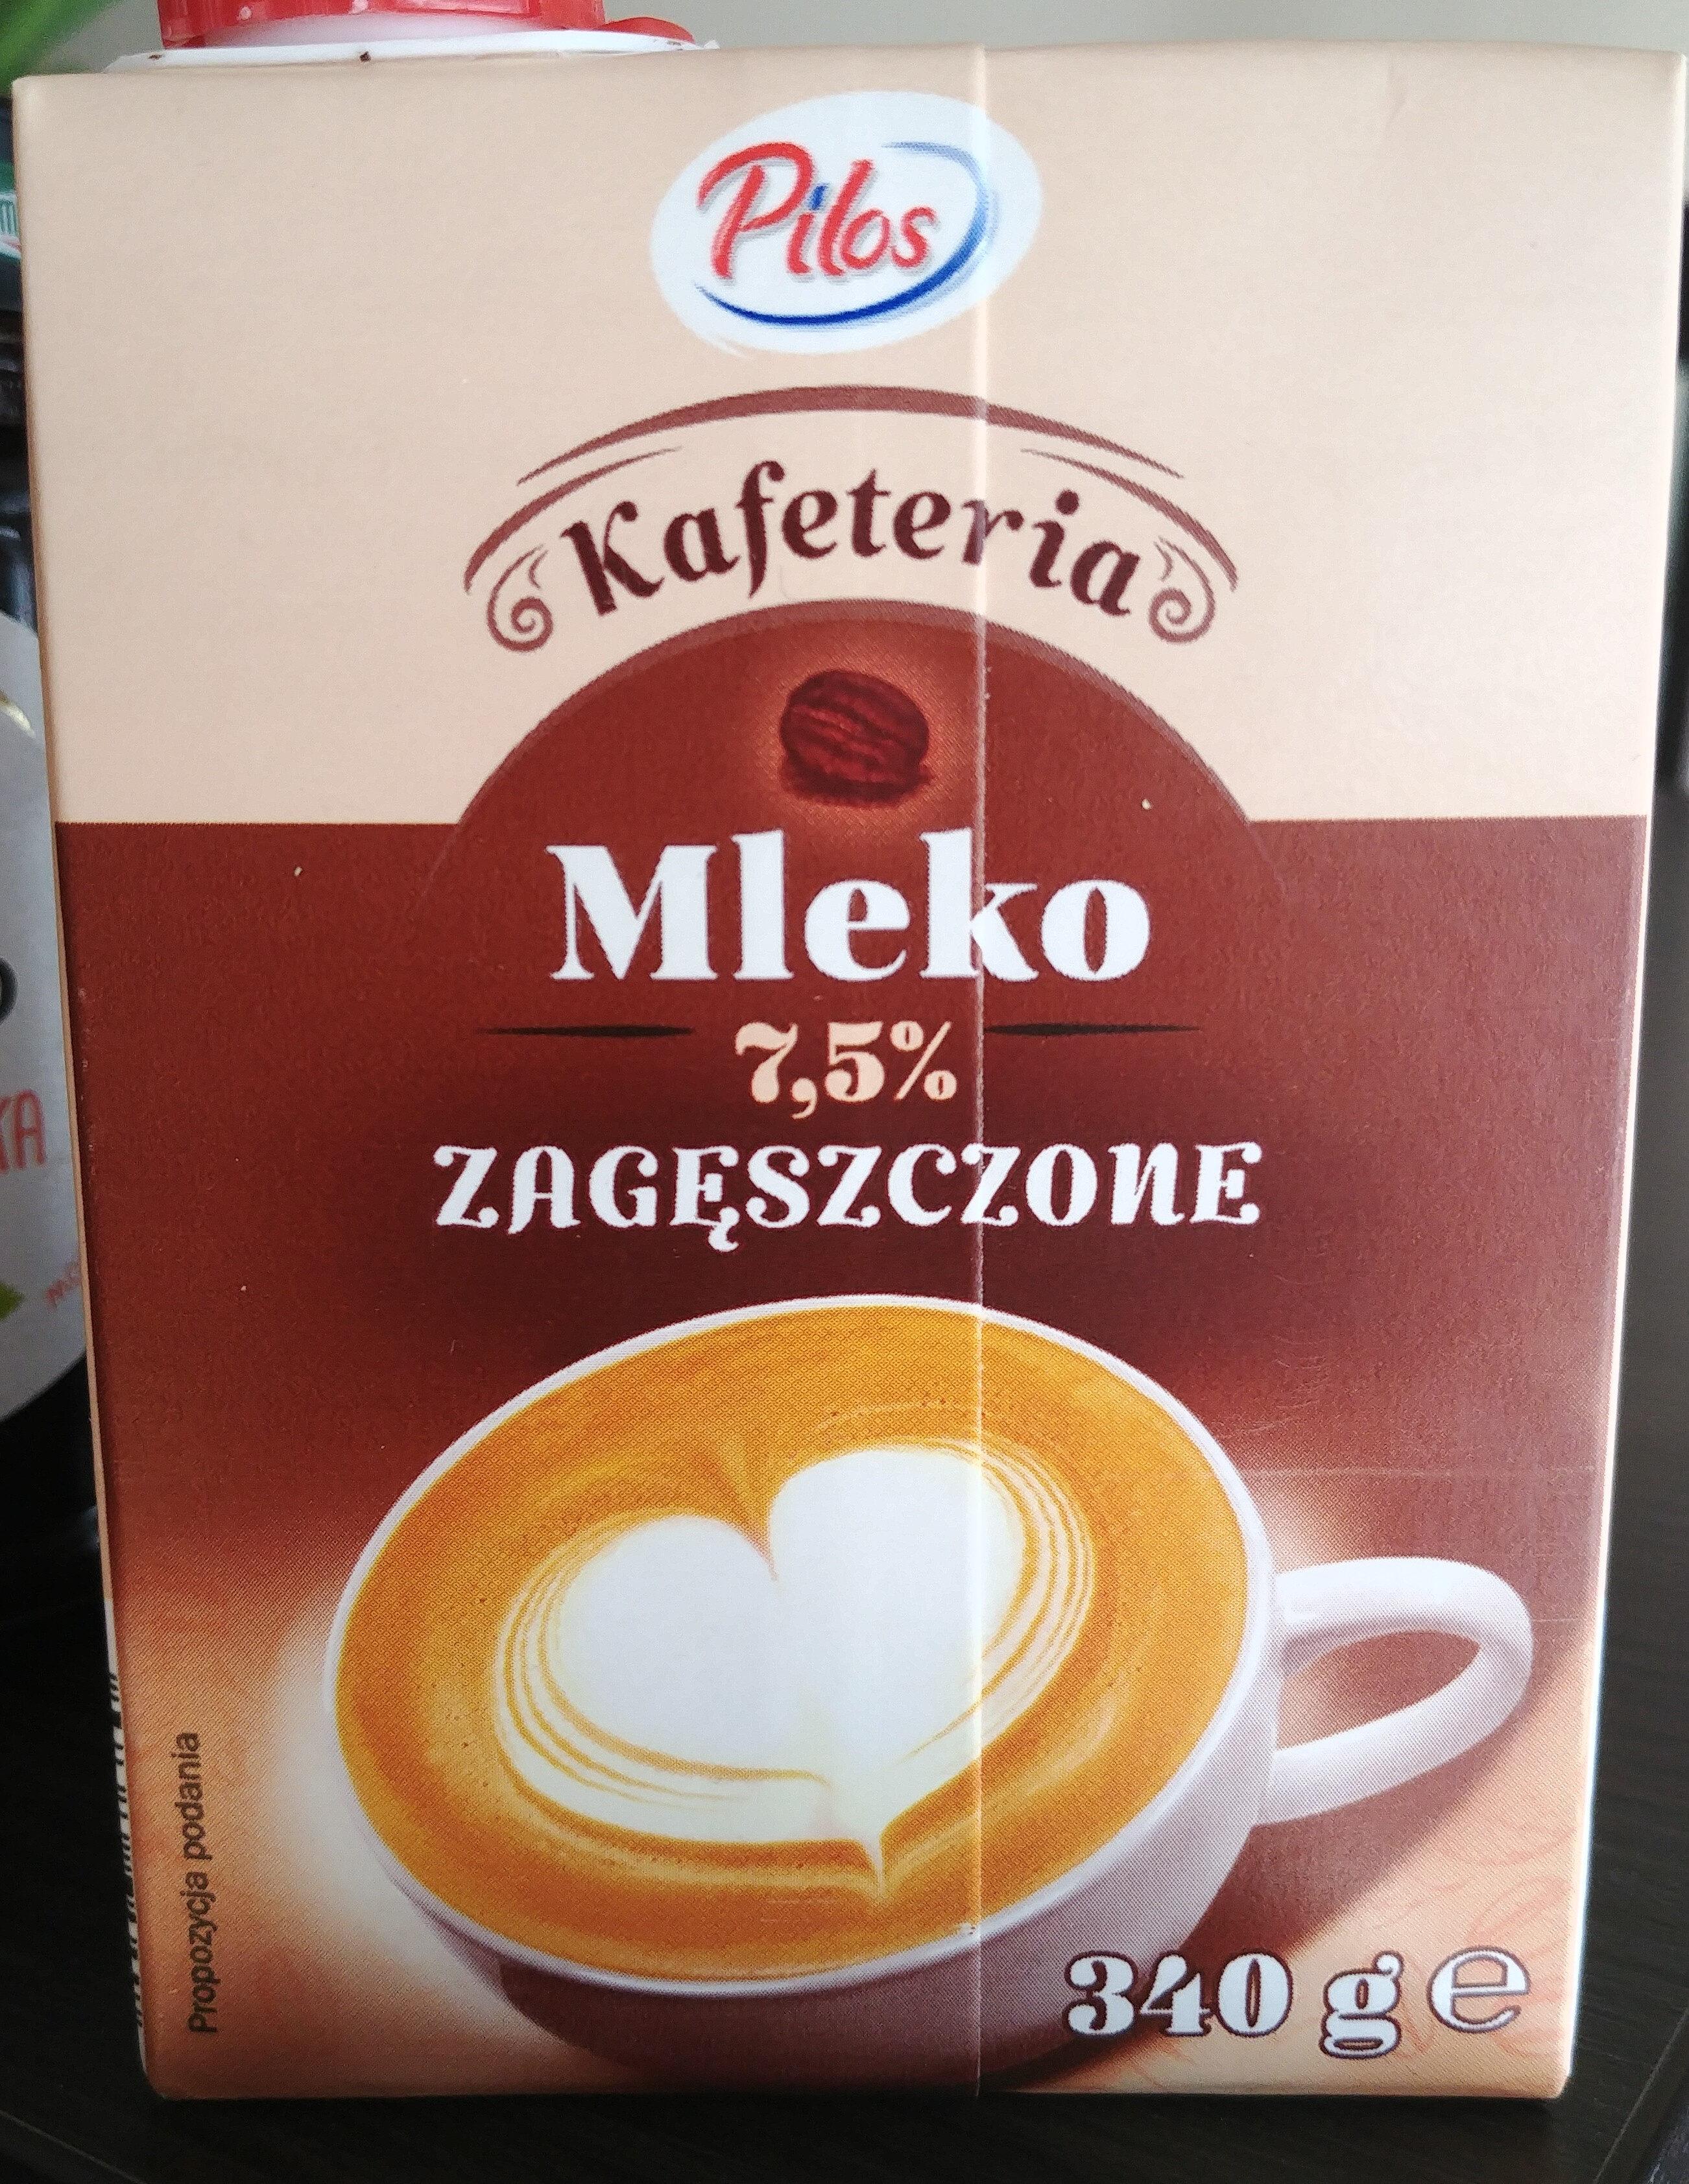 Mleko zagęszczone 7.5% - Produkt